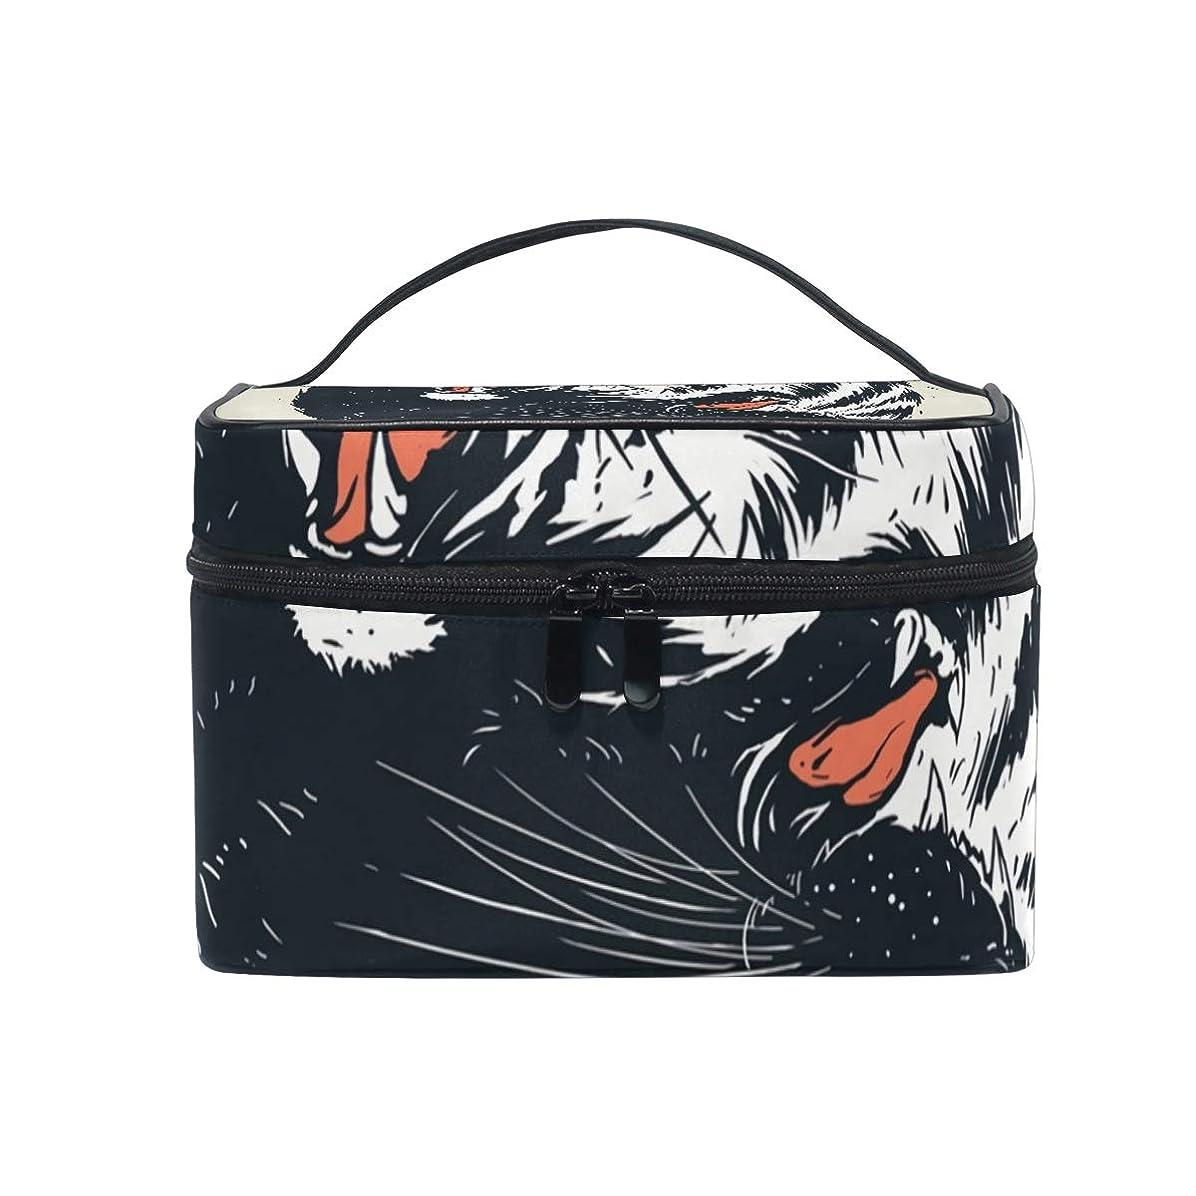 海峡チロ効果的にメイクボックス ネオン柄 化粧ポーチ 化粧品 化粧道具 小物入れ メイクブラシバッグ 大容量 旅行用 収納ケース